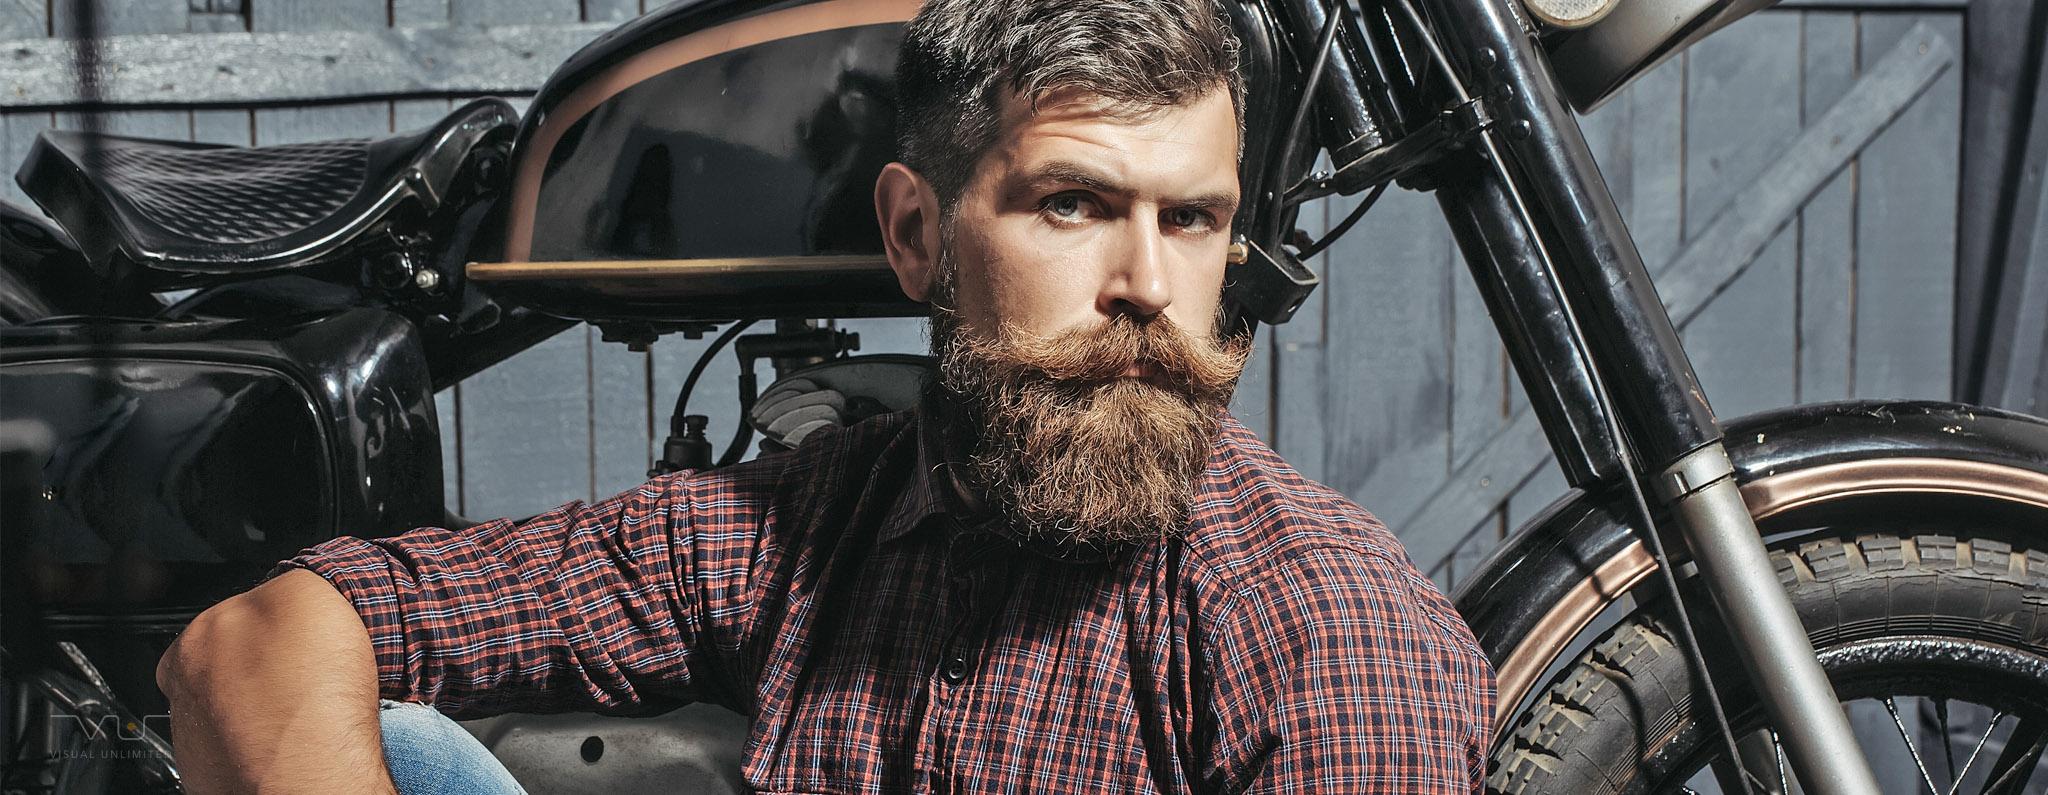 Bilder VU Header Photography 04 Motorrad - Bearded Biker